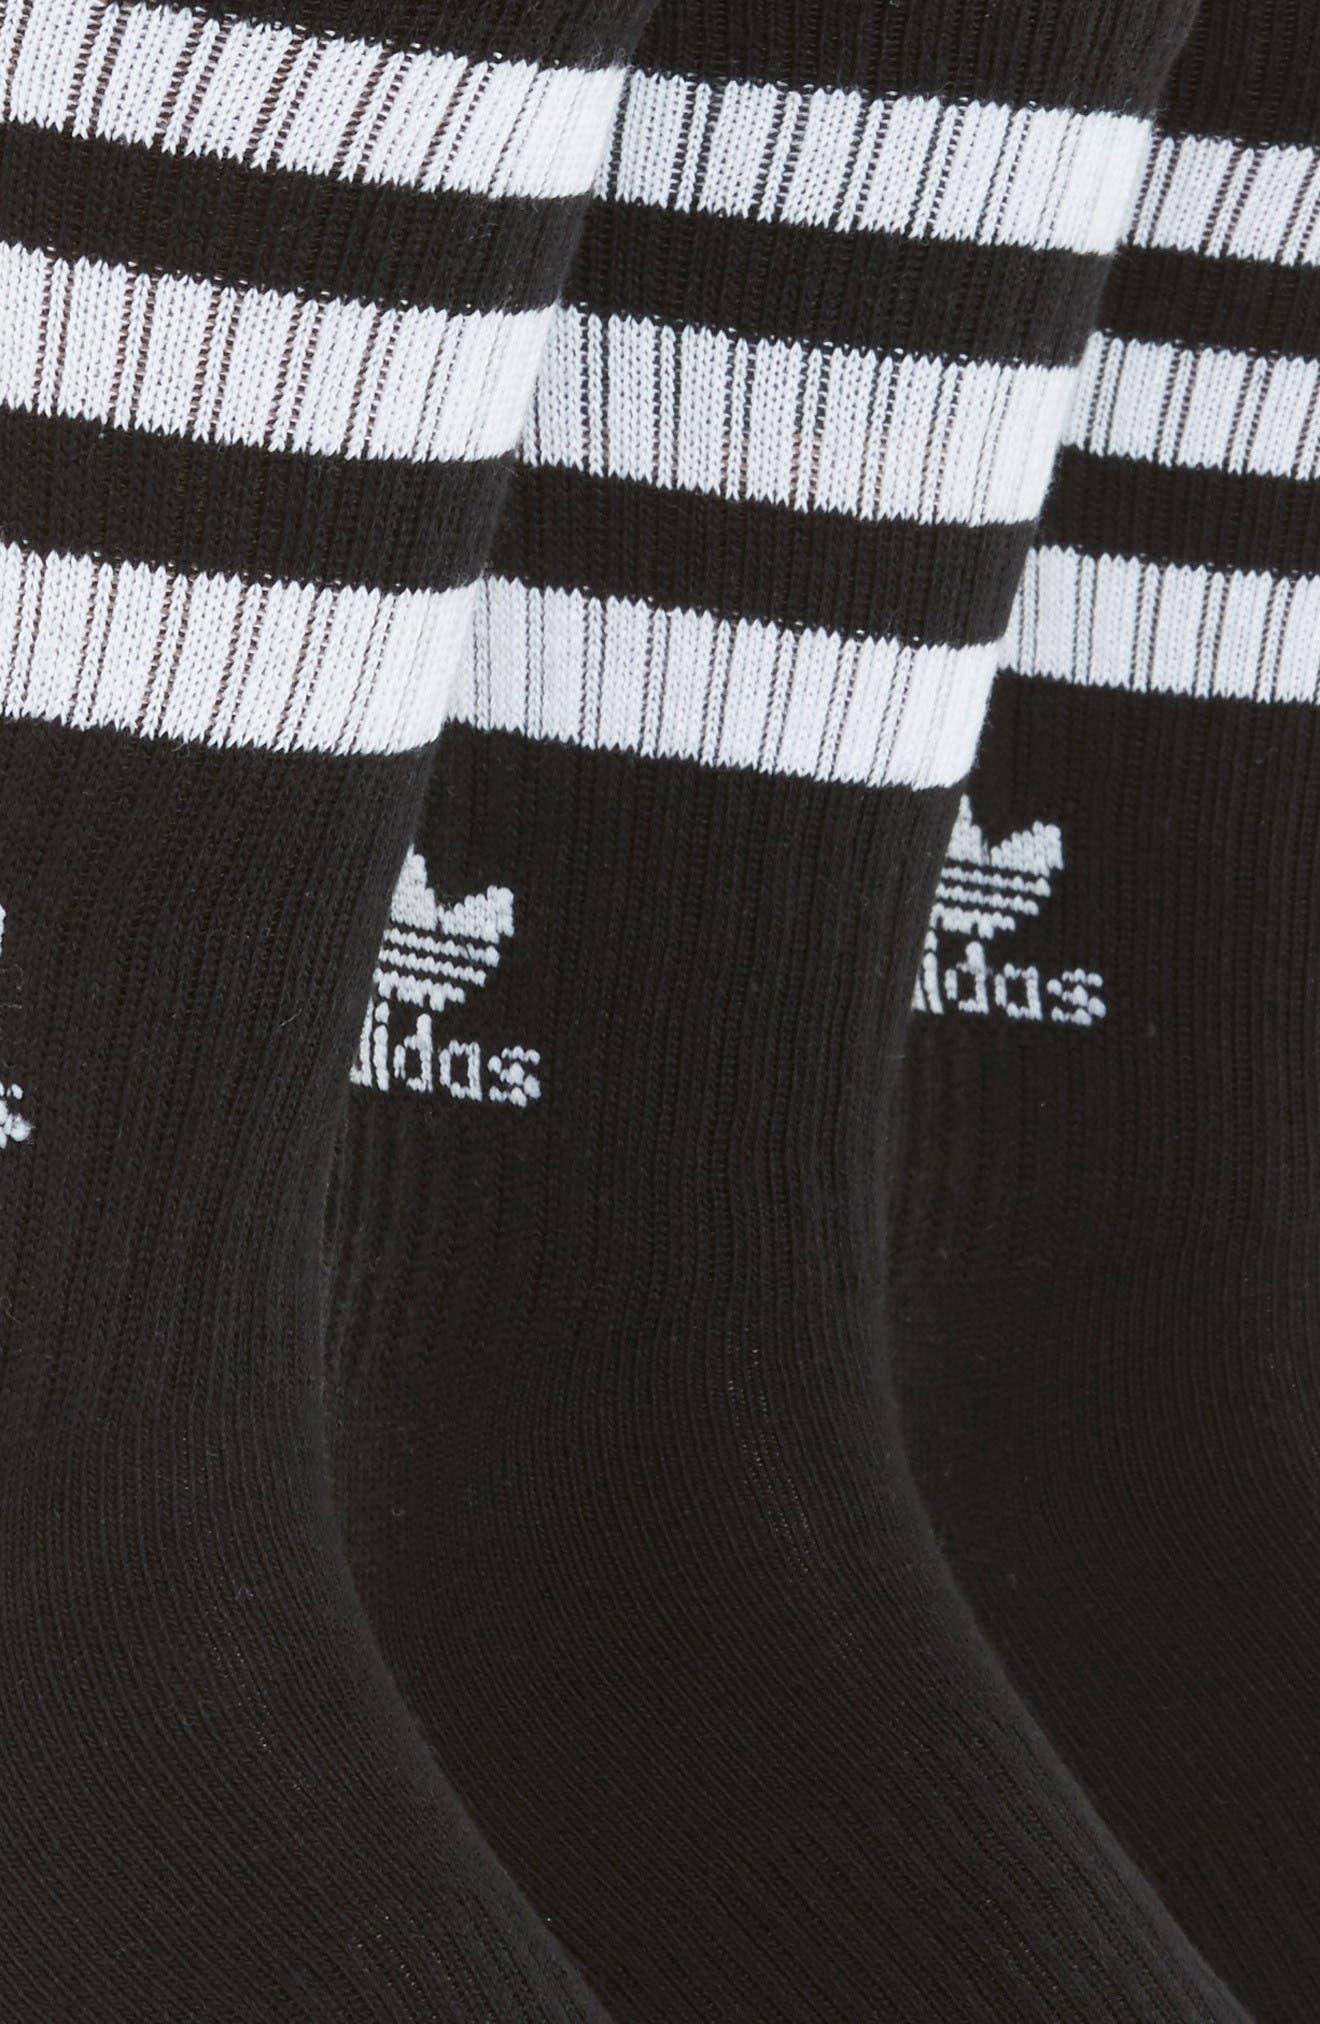 3-Pack Original Roller Crew Socks,                             Alternate thumbnail 2, color,                             Black/ White